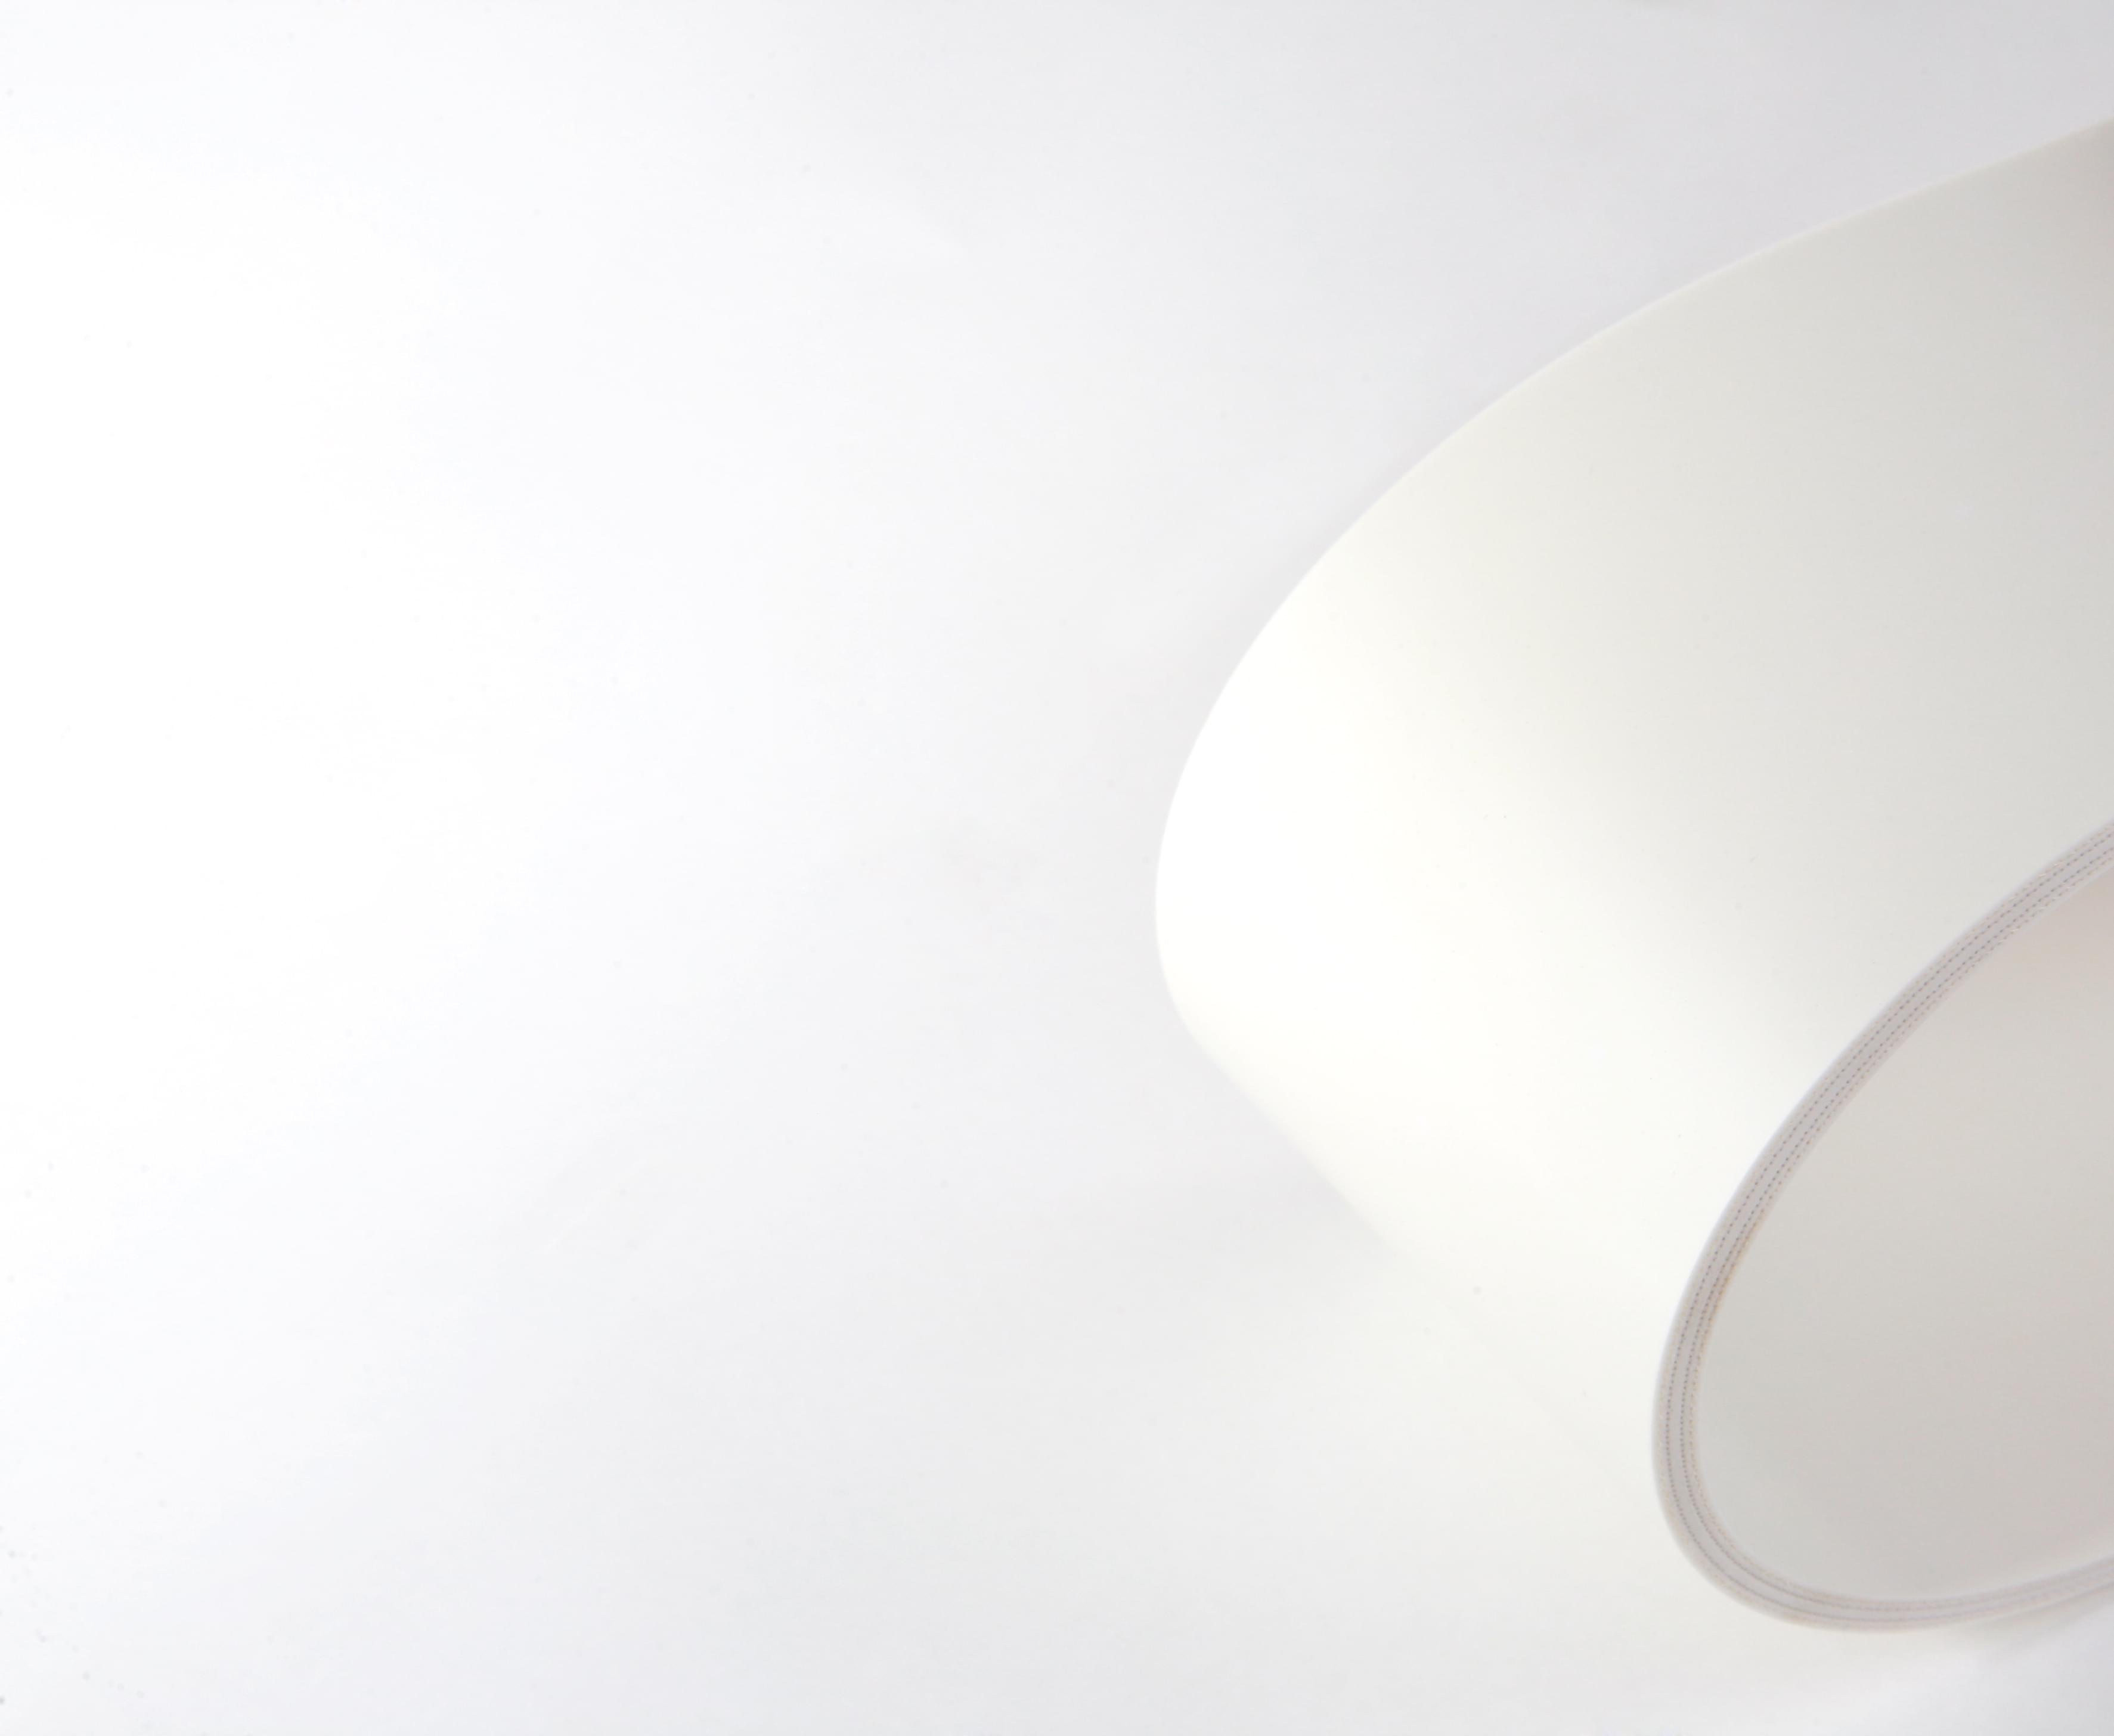 correia sanitária de três lonas em PVC branco com cobertura dupla face